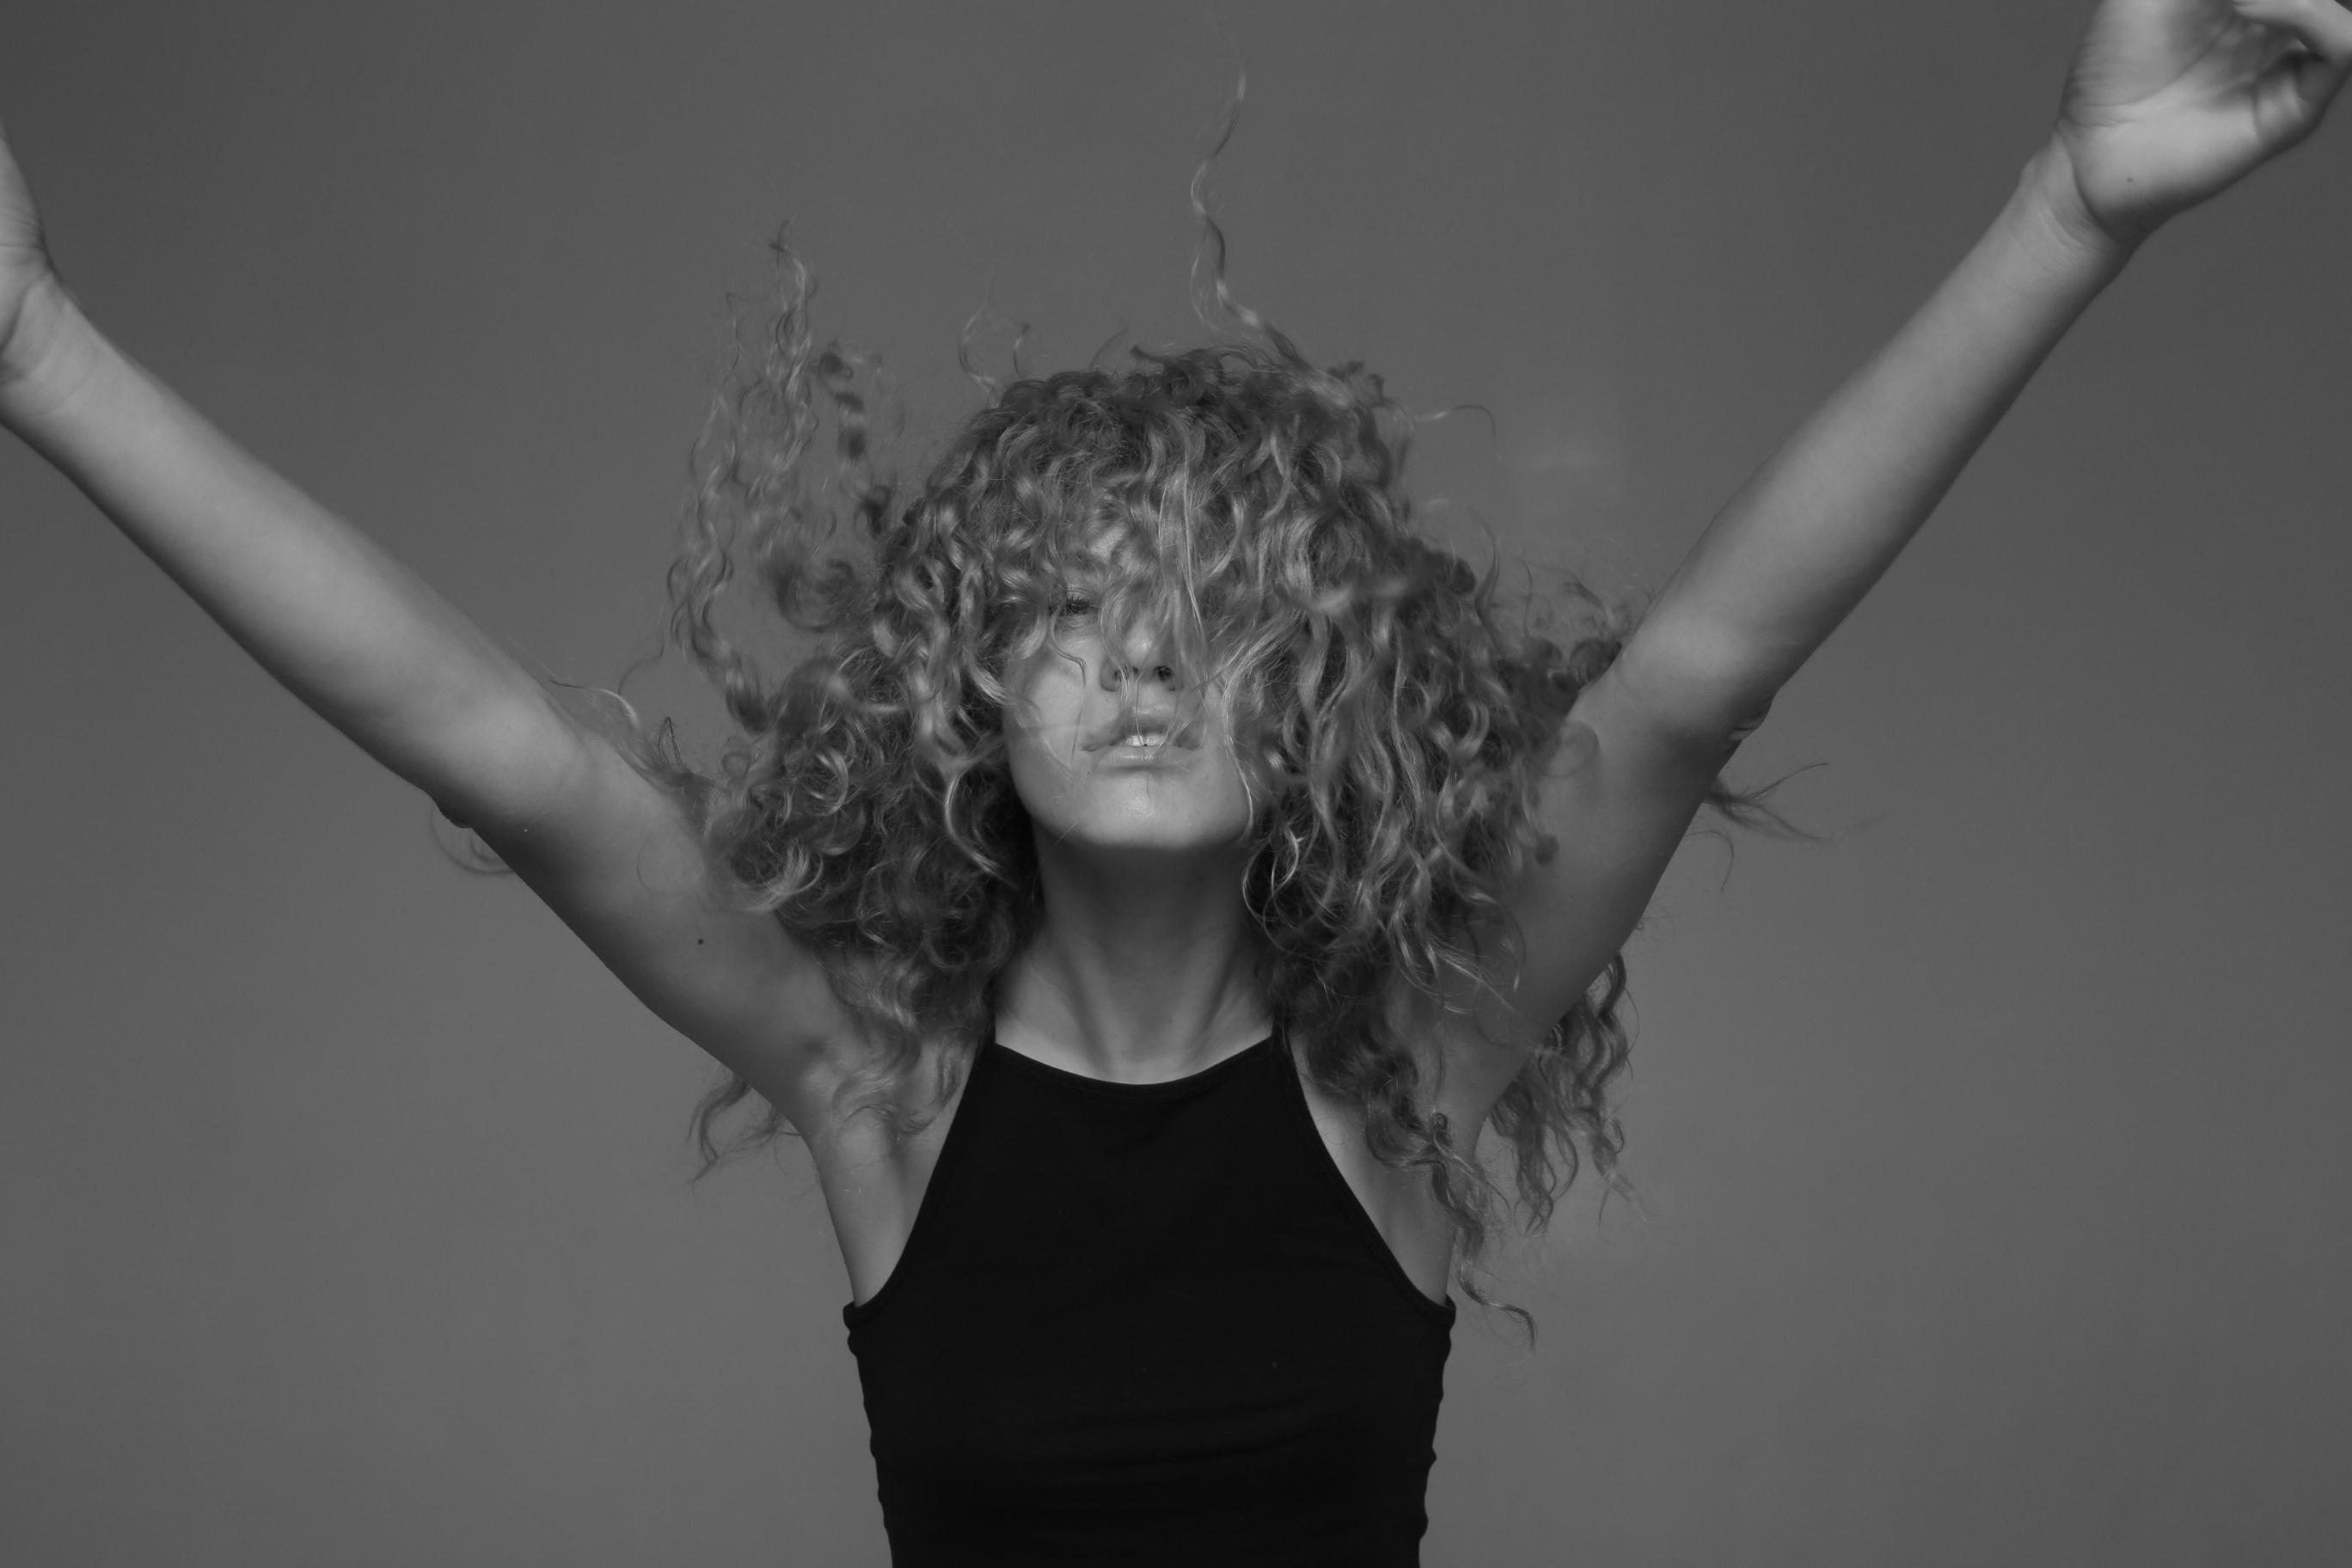 FEEL פרפיום צילום והפקה  סאשה פרלוצקי Dvision  (4)